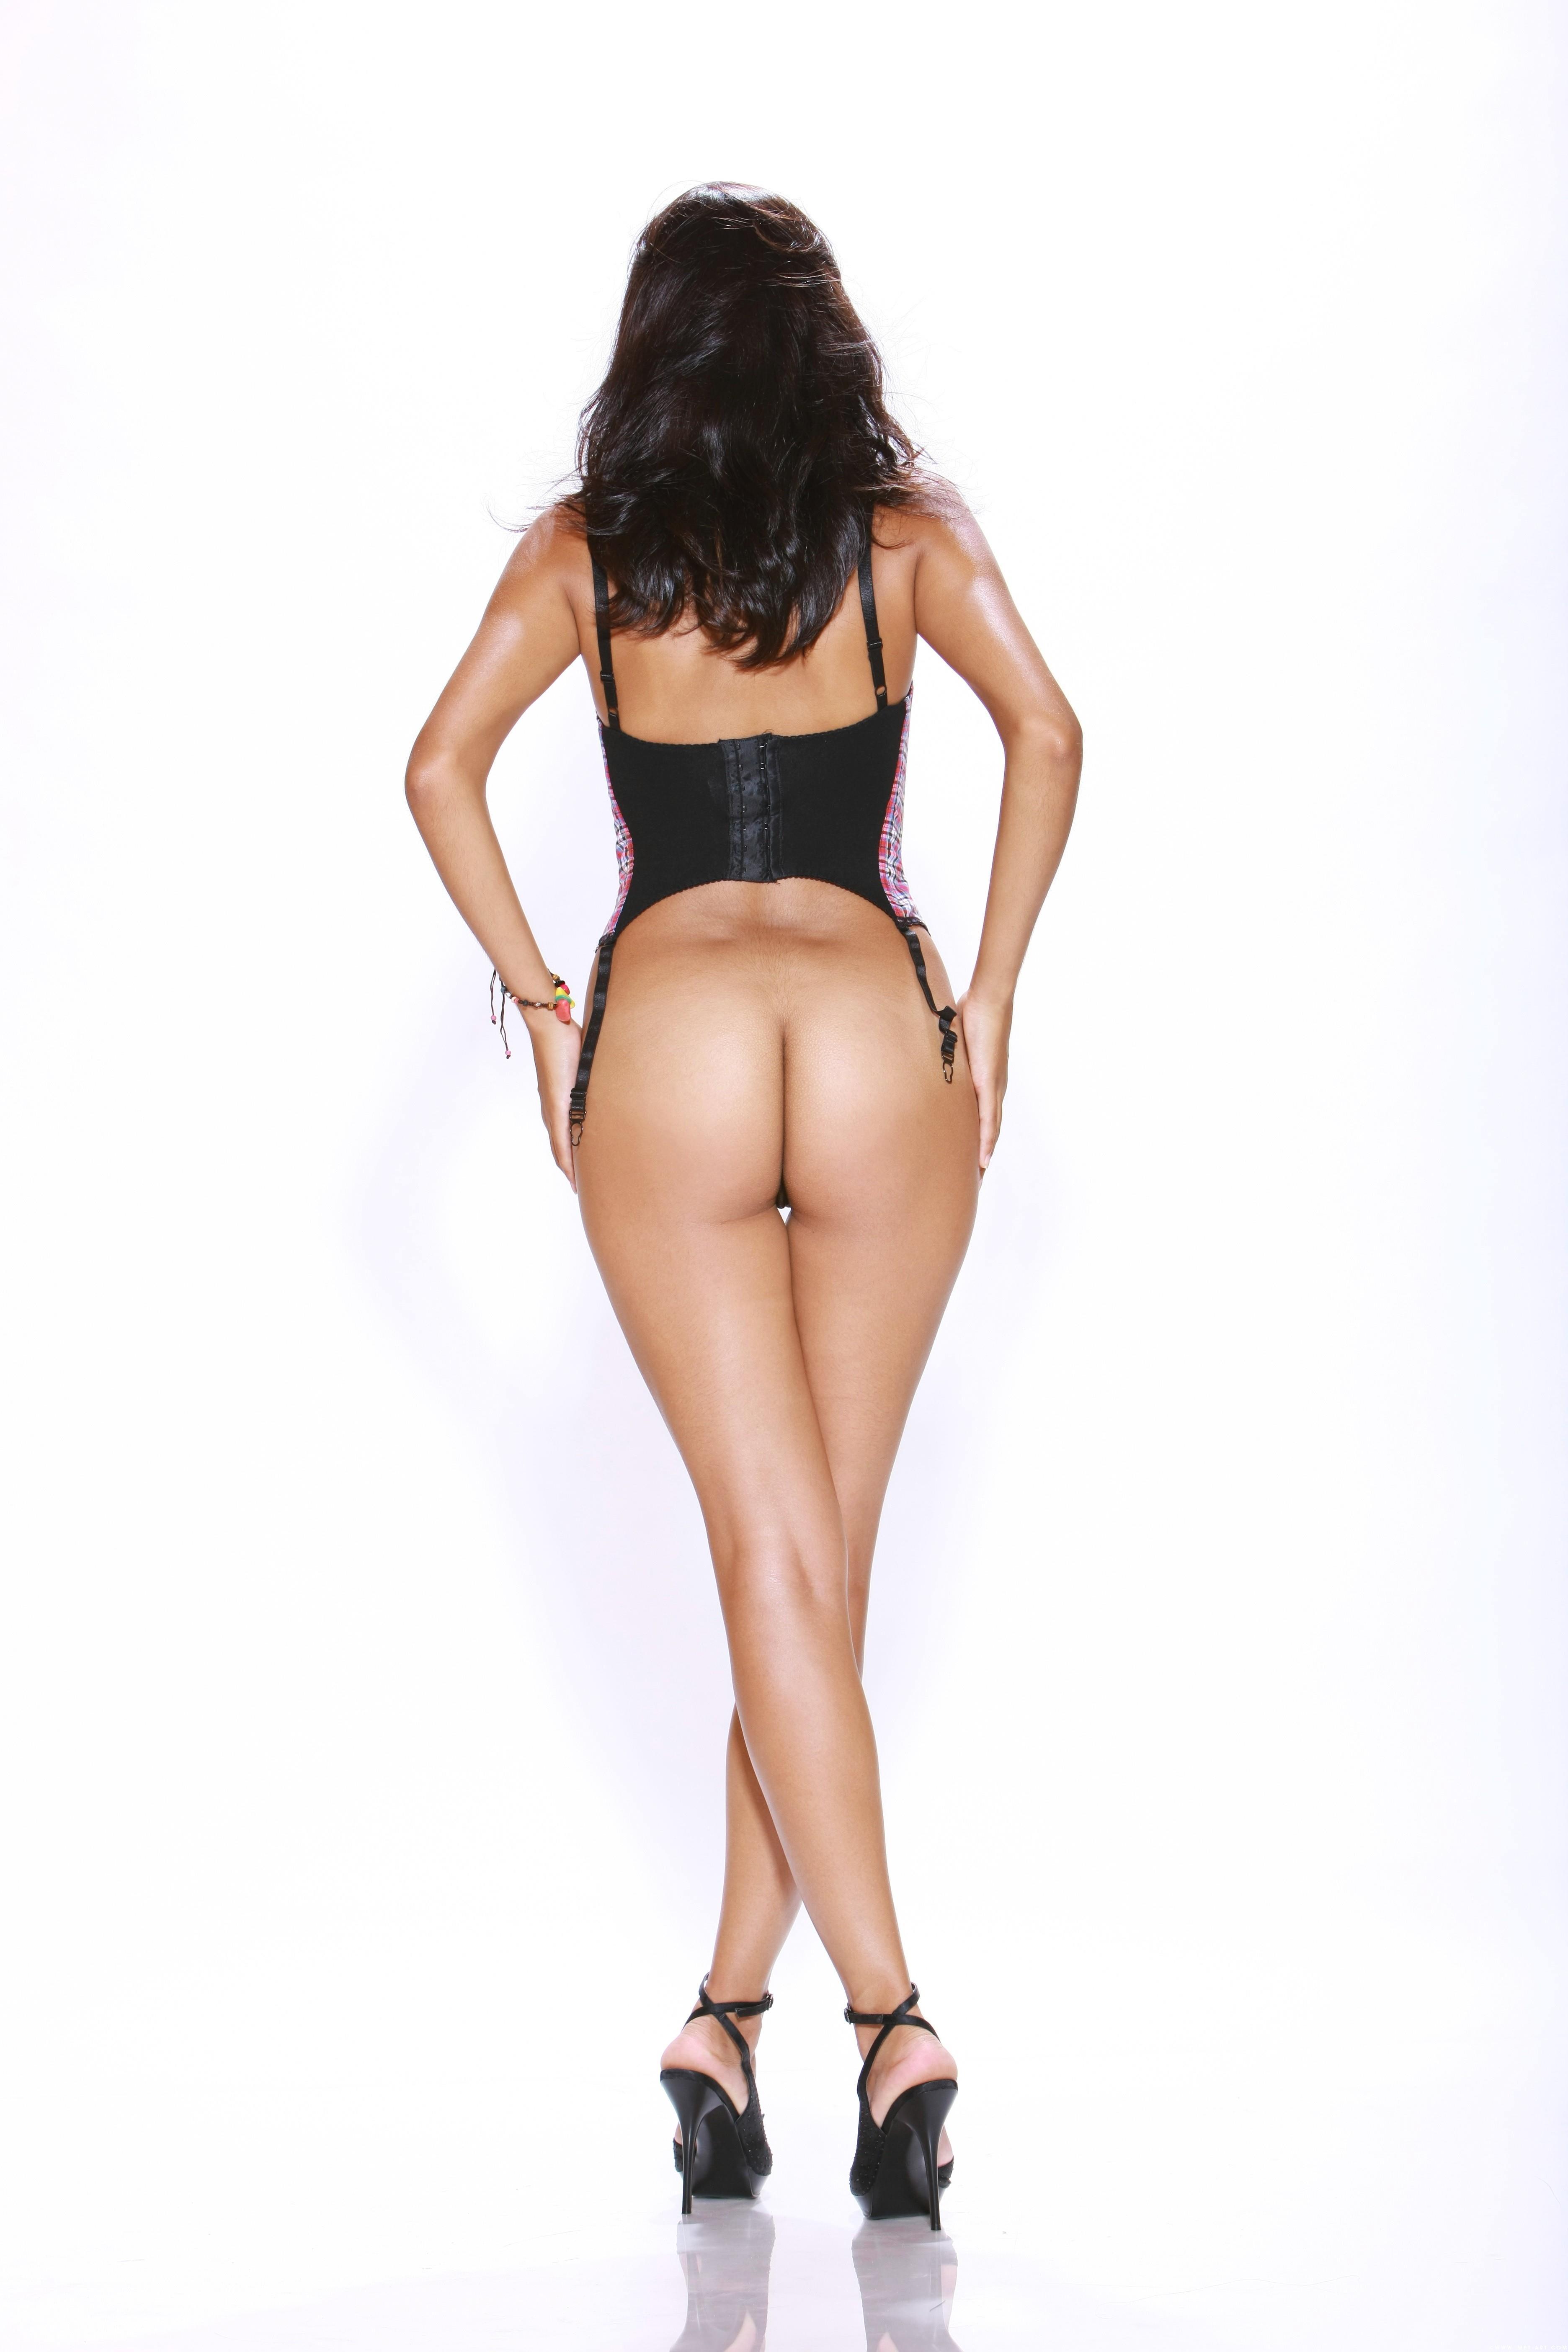 Bely belinda nude